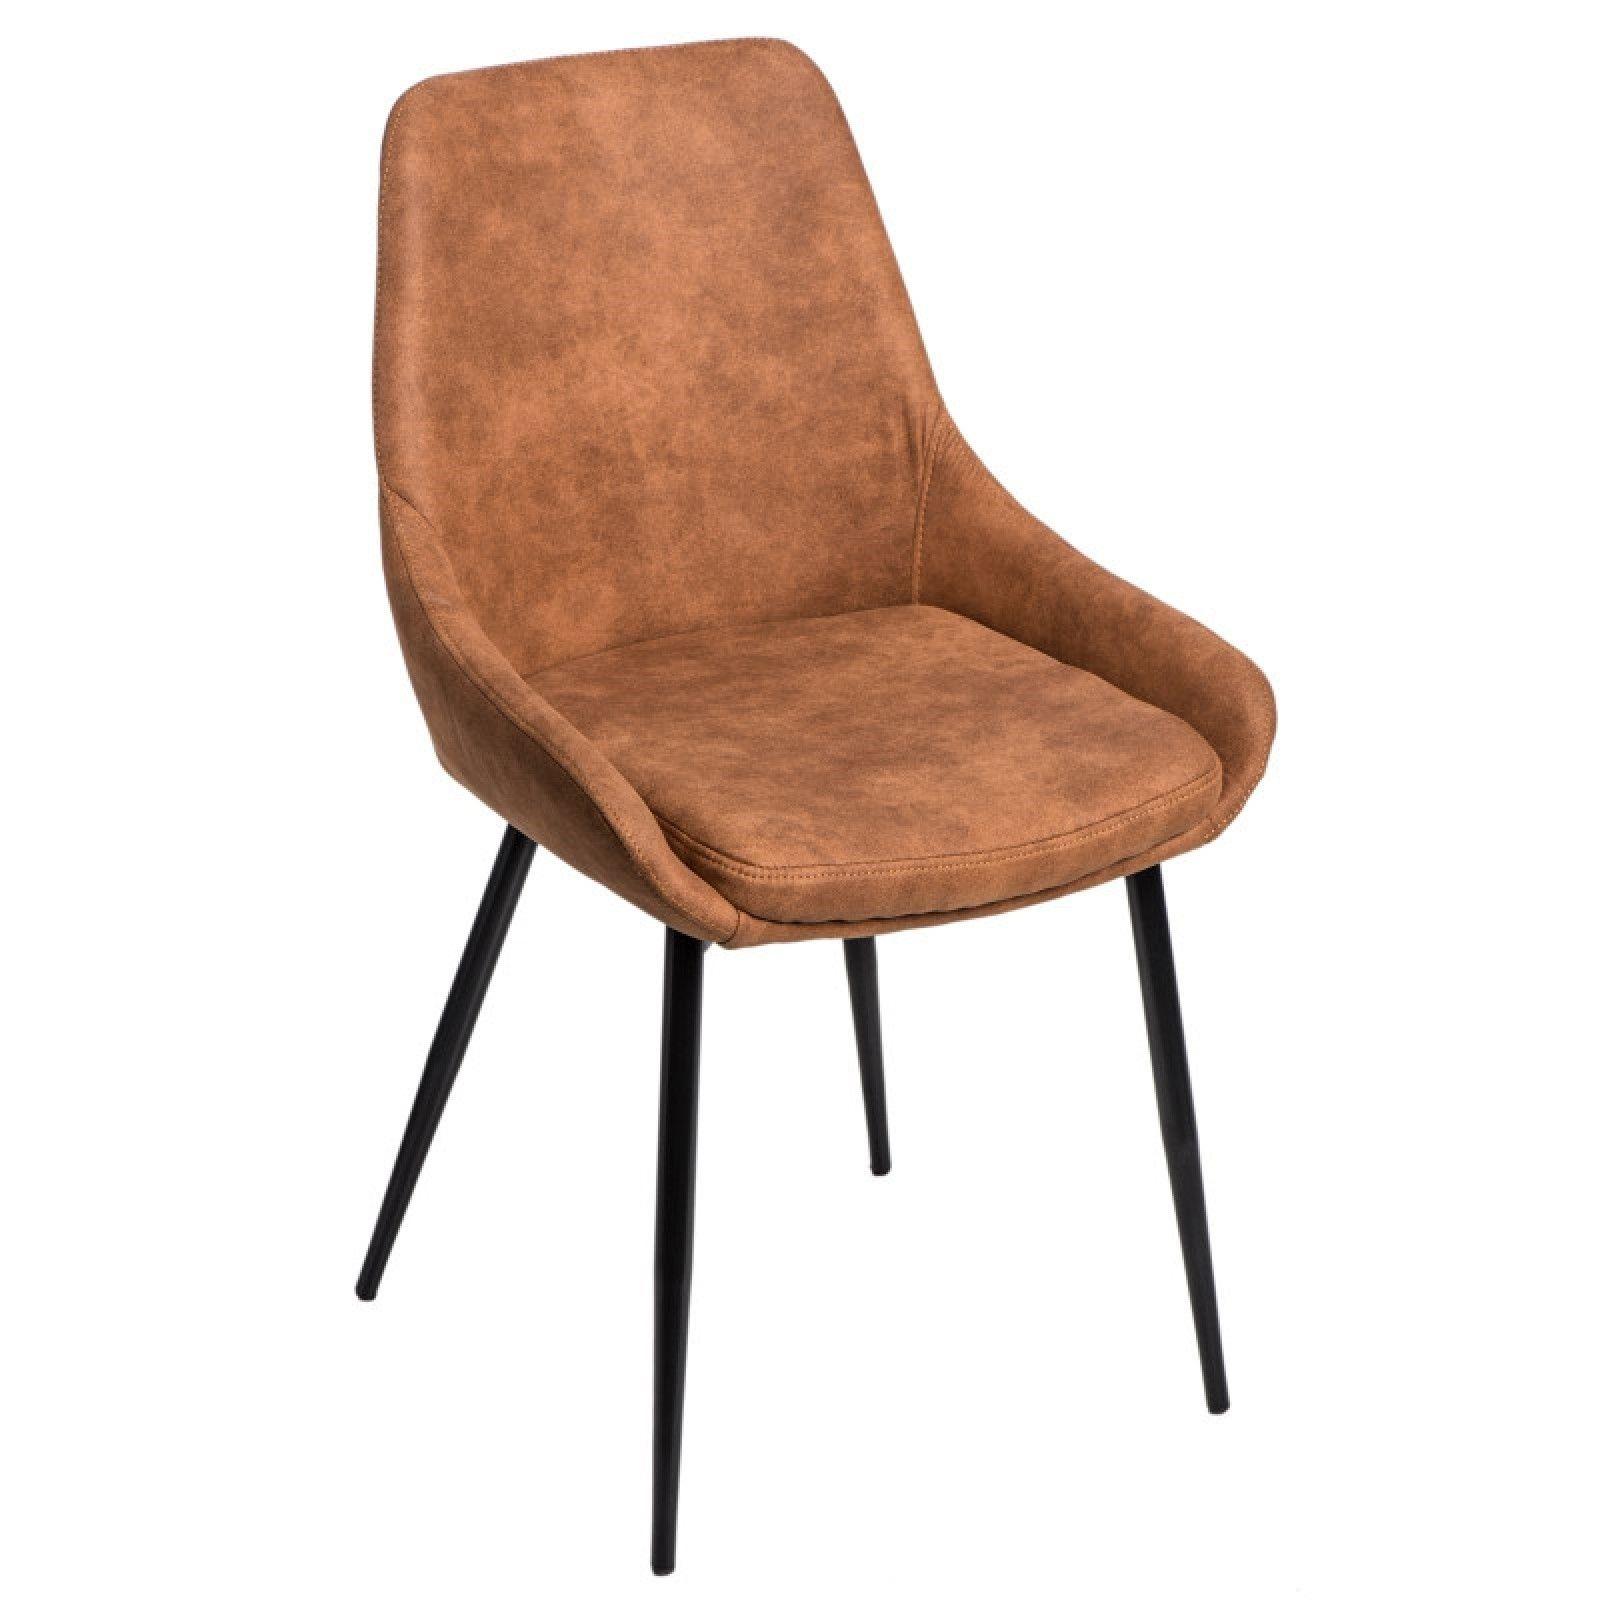 bársony kárpitozott klasszikus szék